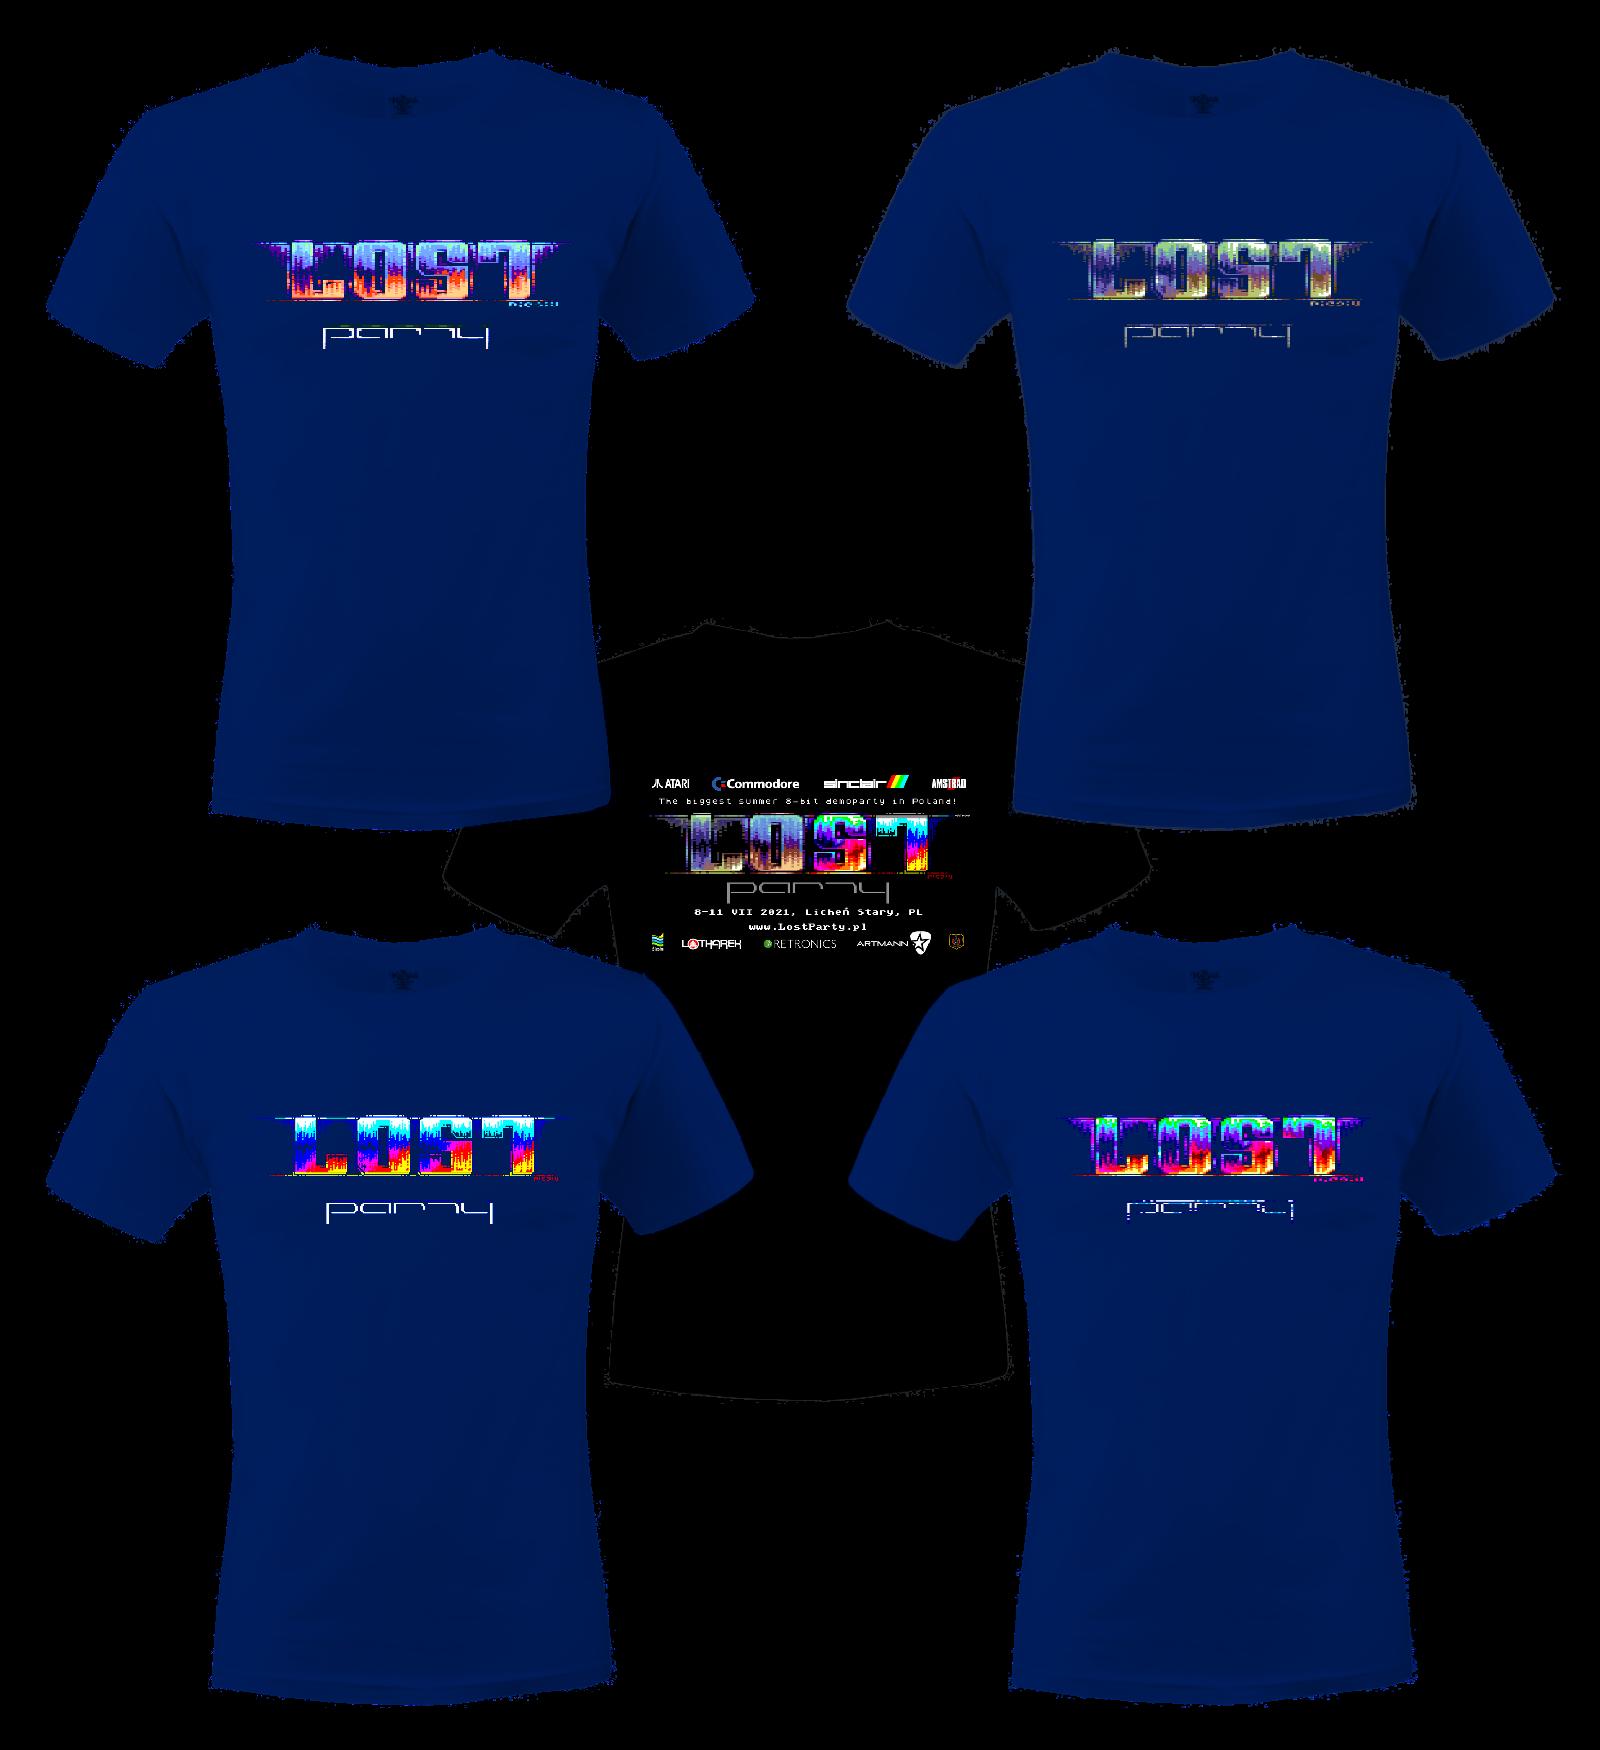 https://www.lostparty.pl/2021/gfx/koszulki/koszulki-przezroczyste.png